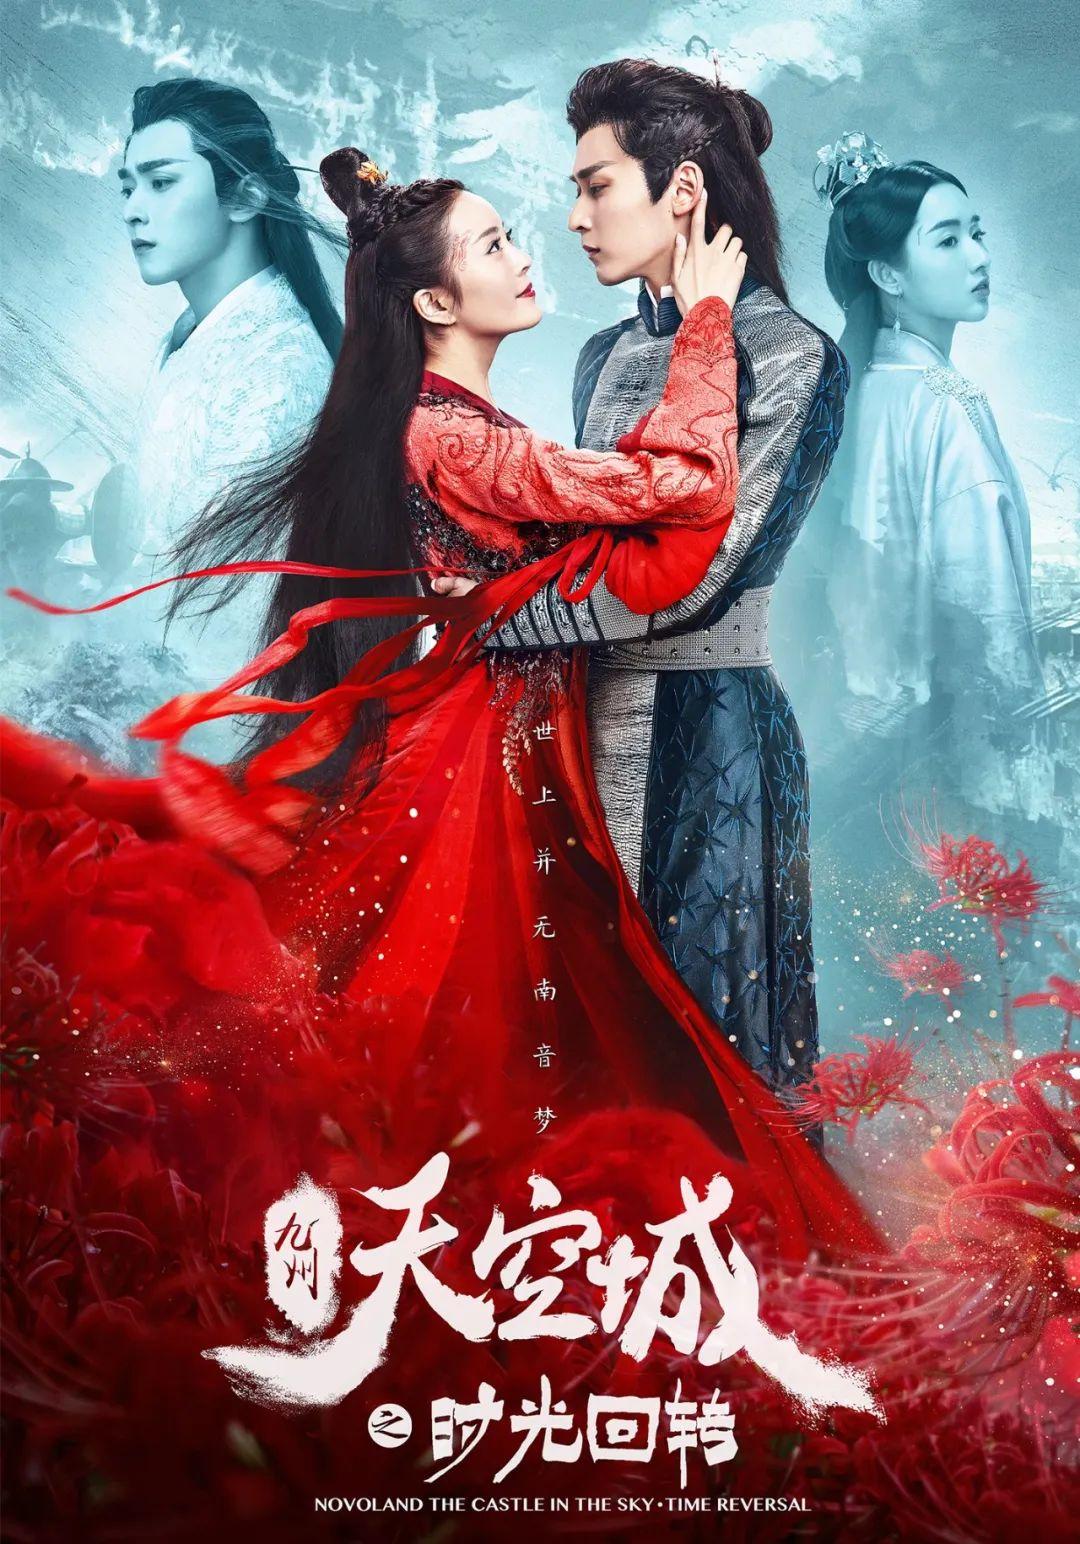 Xem Phim Cửu Châu Thiên Không Thành: Quay Ngược Thời Gian